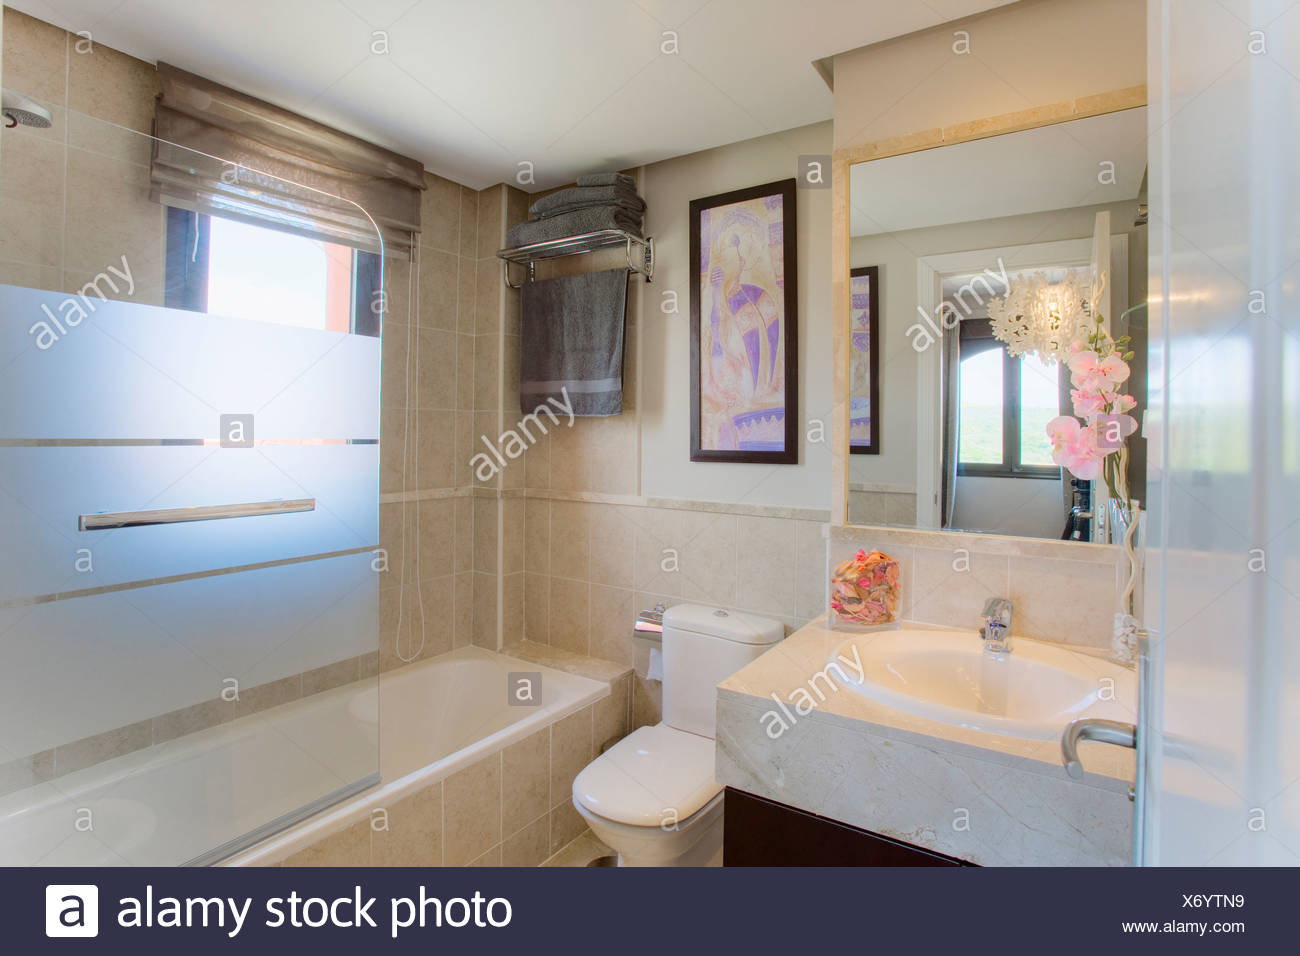 Petite Salle De Bains Moderne Avec Lavabo Et Miroir Au Dessus De Lu0027écran De  Douche En Verre Opaque Sur Baignoire Douche